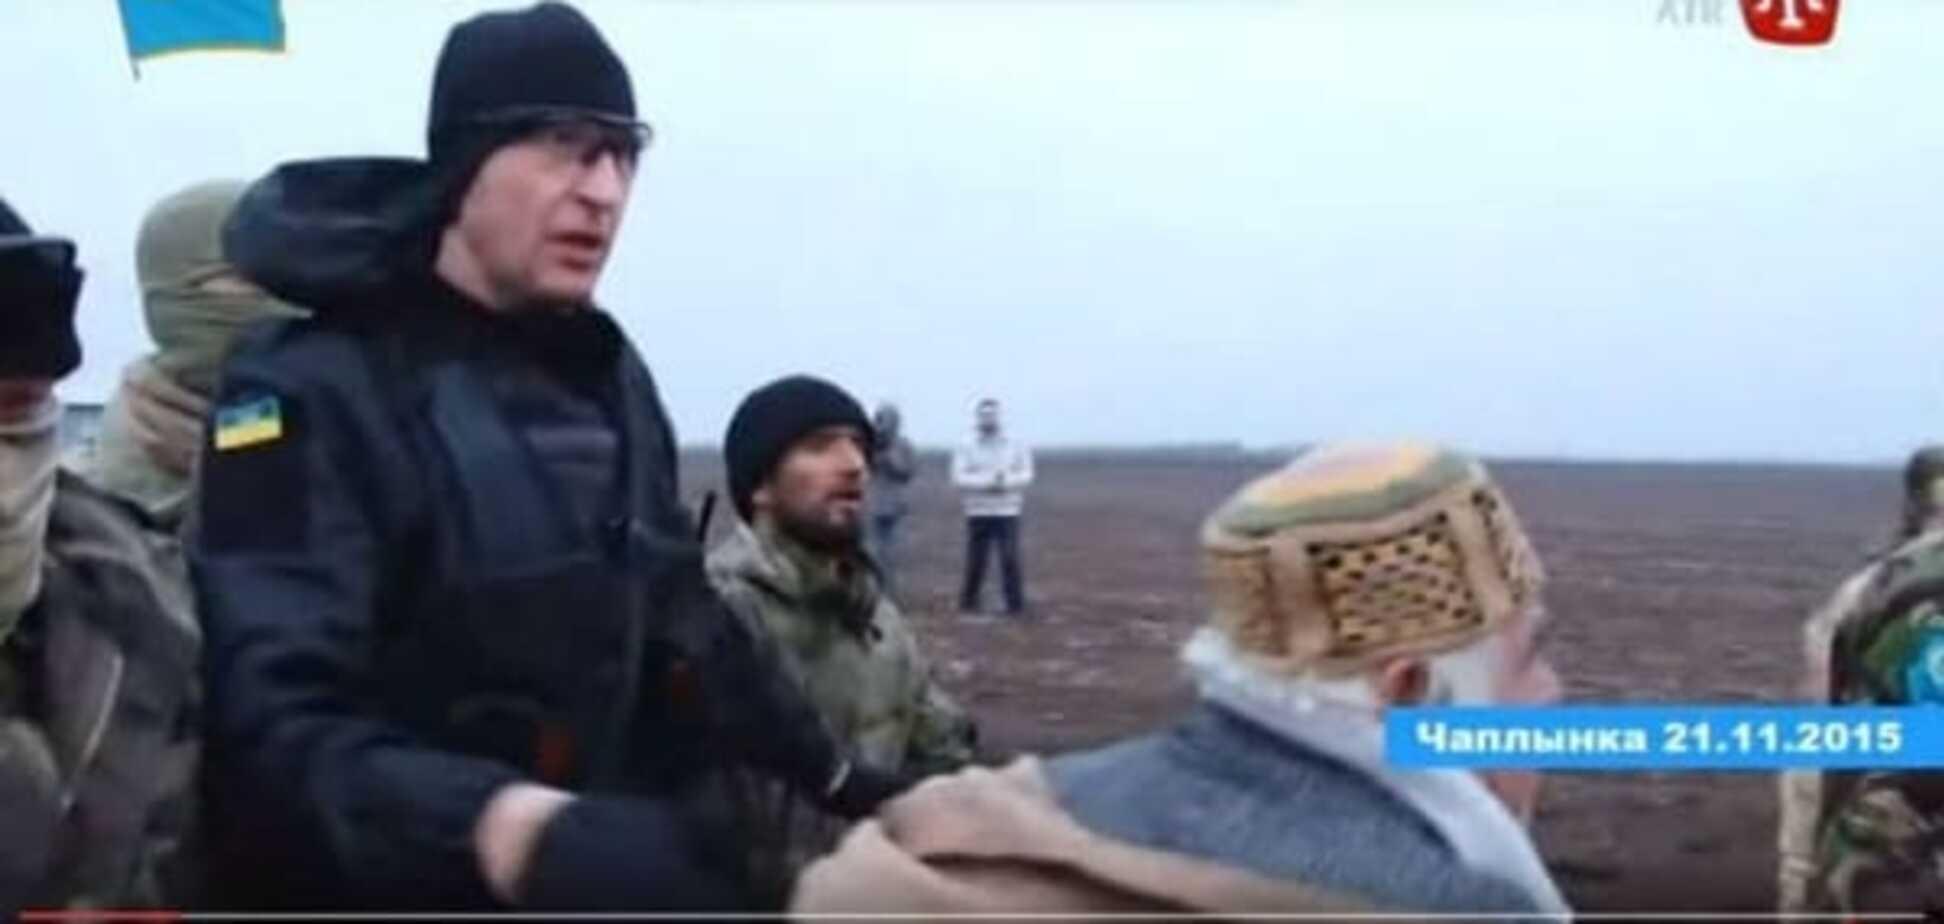 Серед силовиків, які розганяли учасників блокади Криму, впізнали колишнього 'беркутівця'